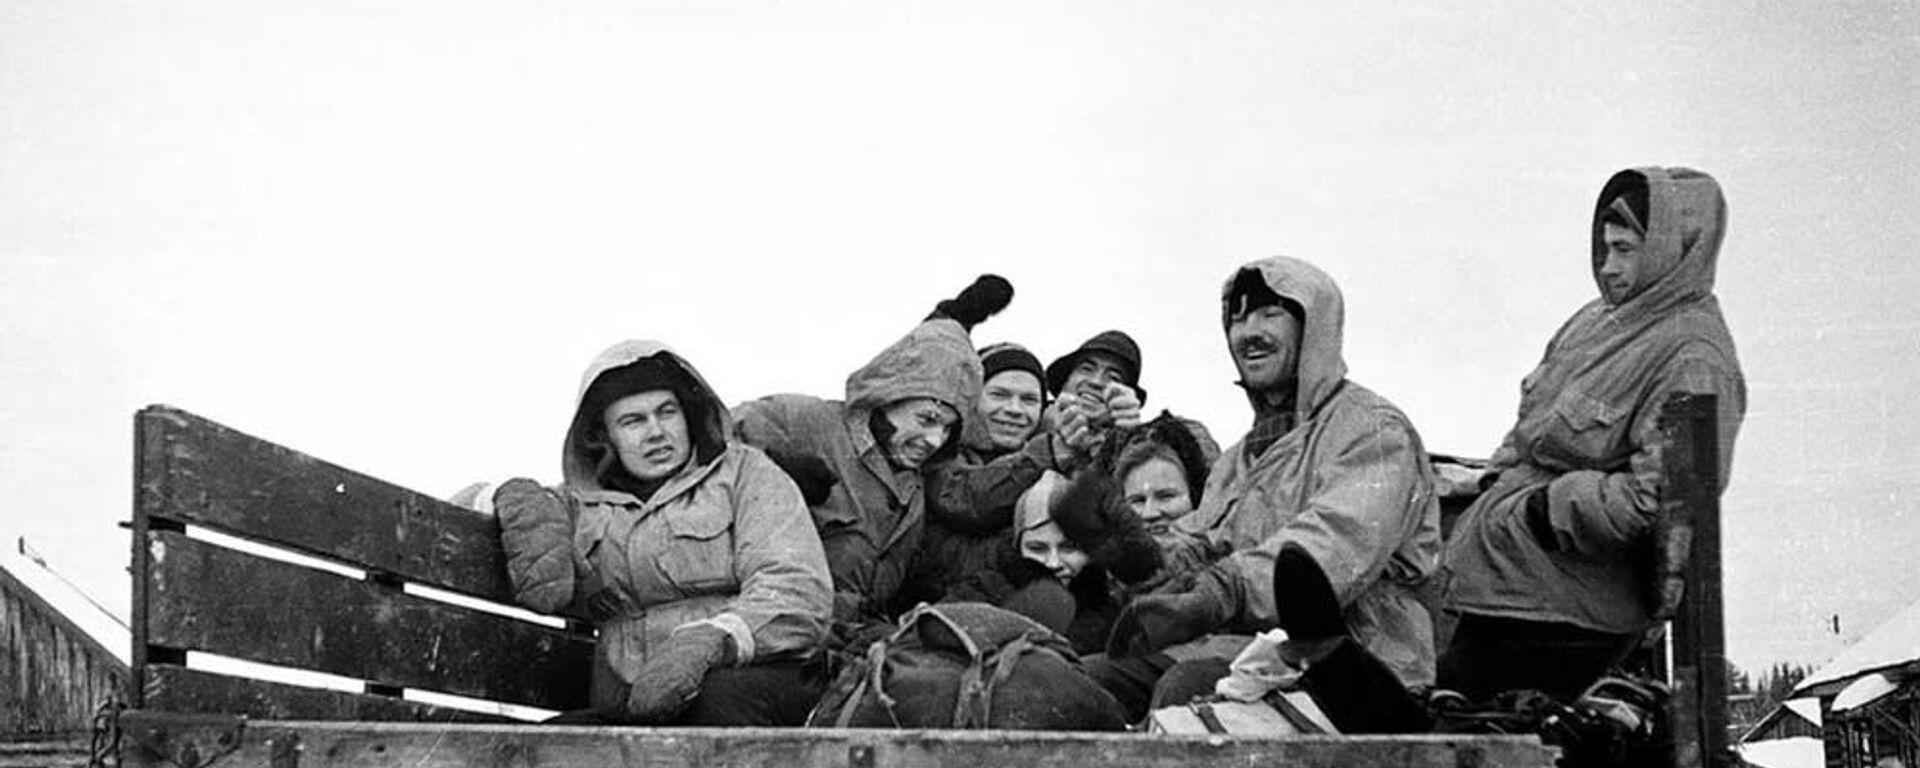 Фотография Игоря Дятлова, сделанная во время похода. - Sputnik Таджикистан, 1920, 29.01.2021